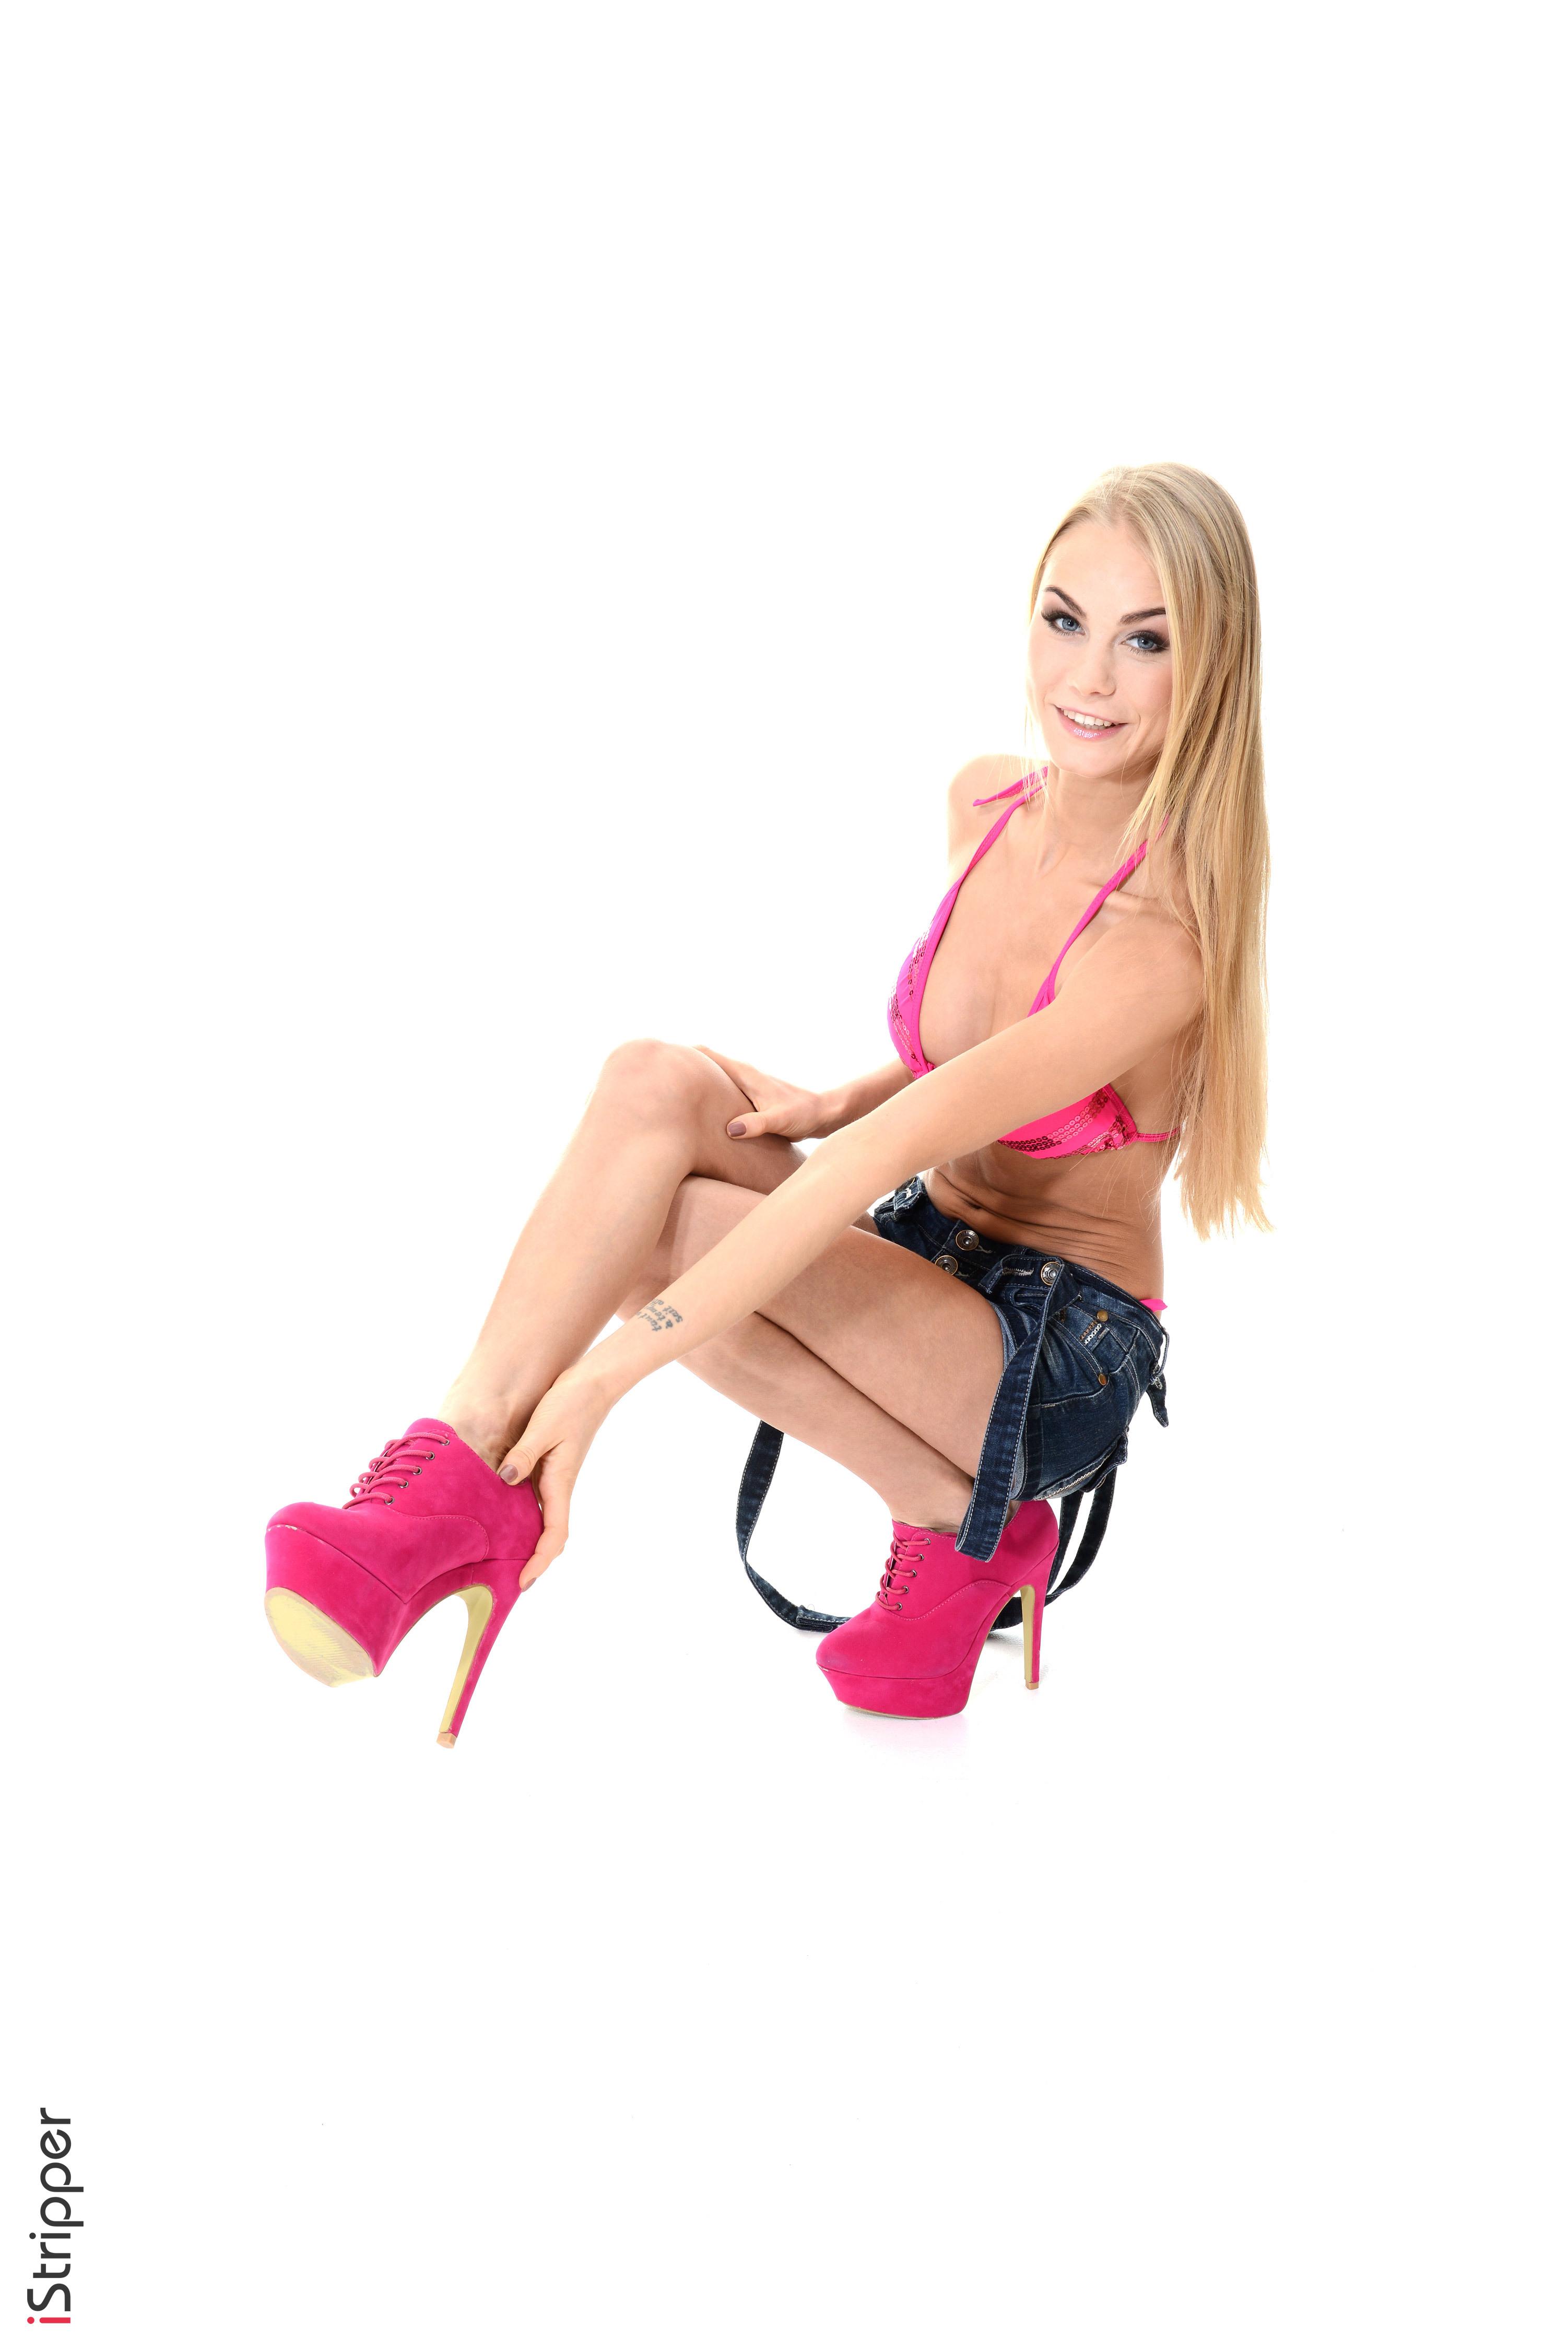 live girls stripping